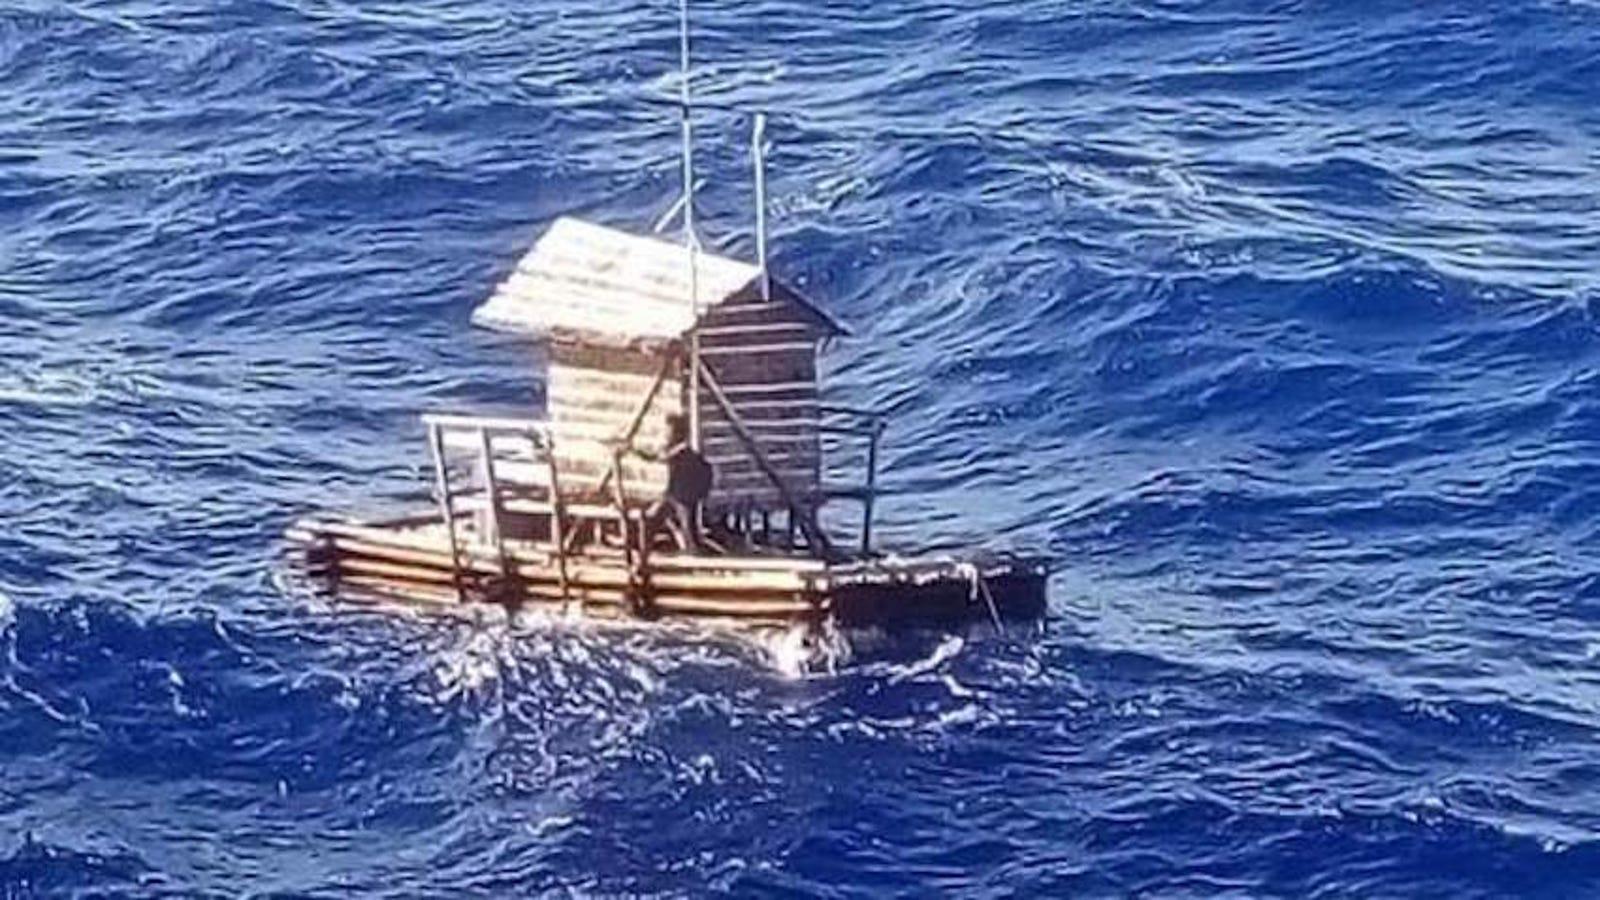 Un adolescente sobrevive 49 días a la deriva en el mar en una trampa para peces flotante